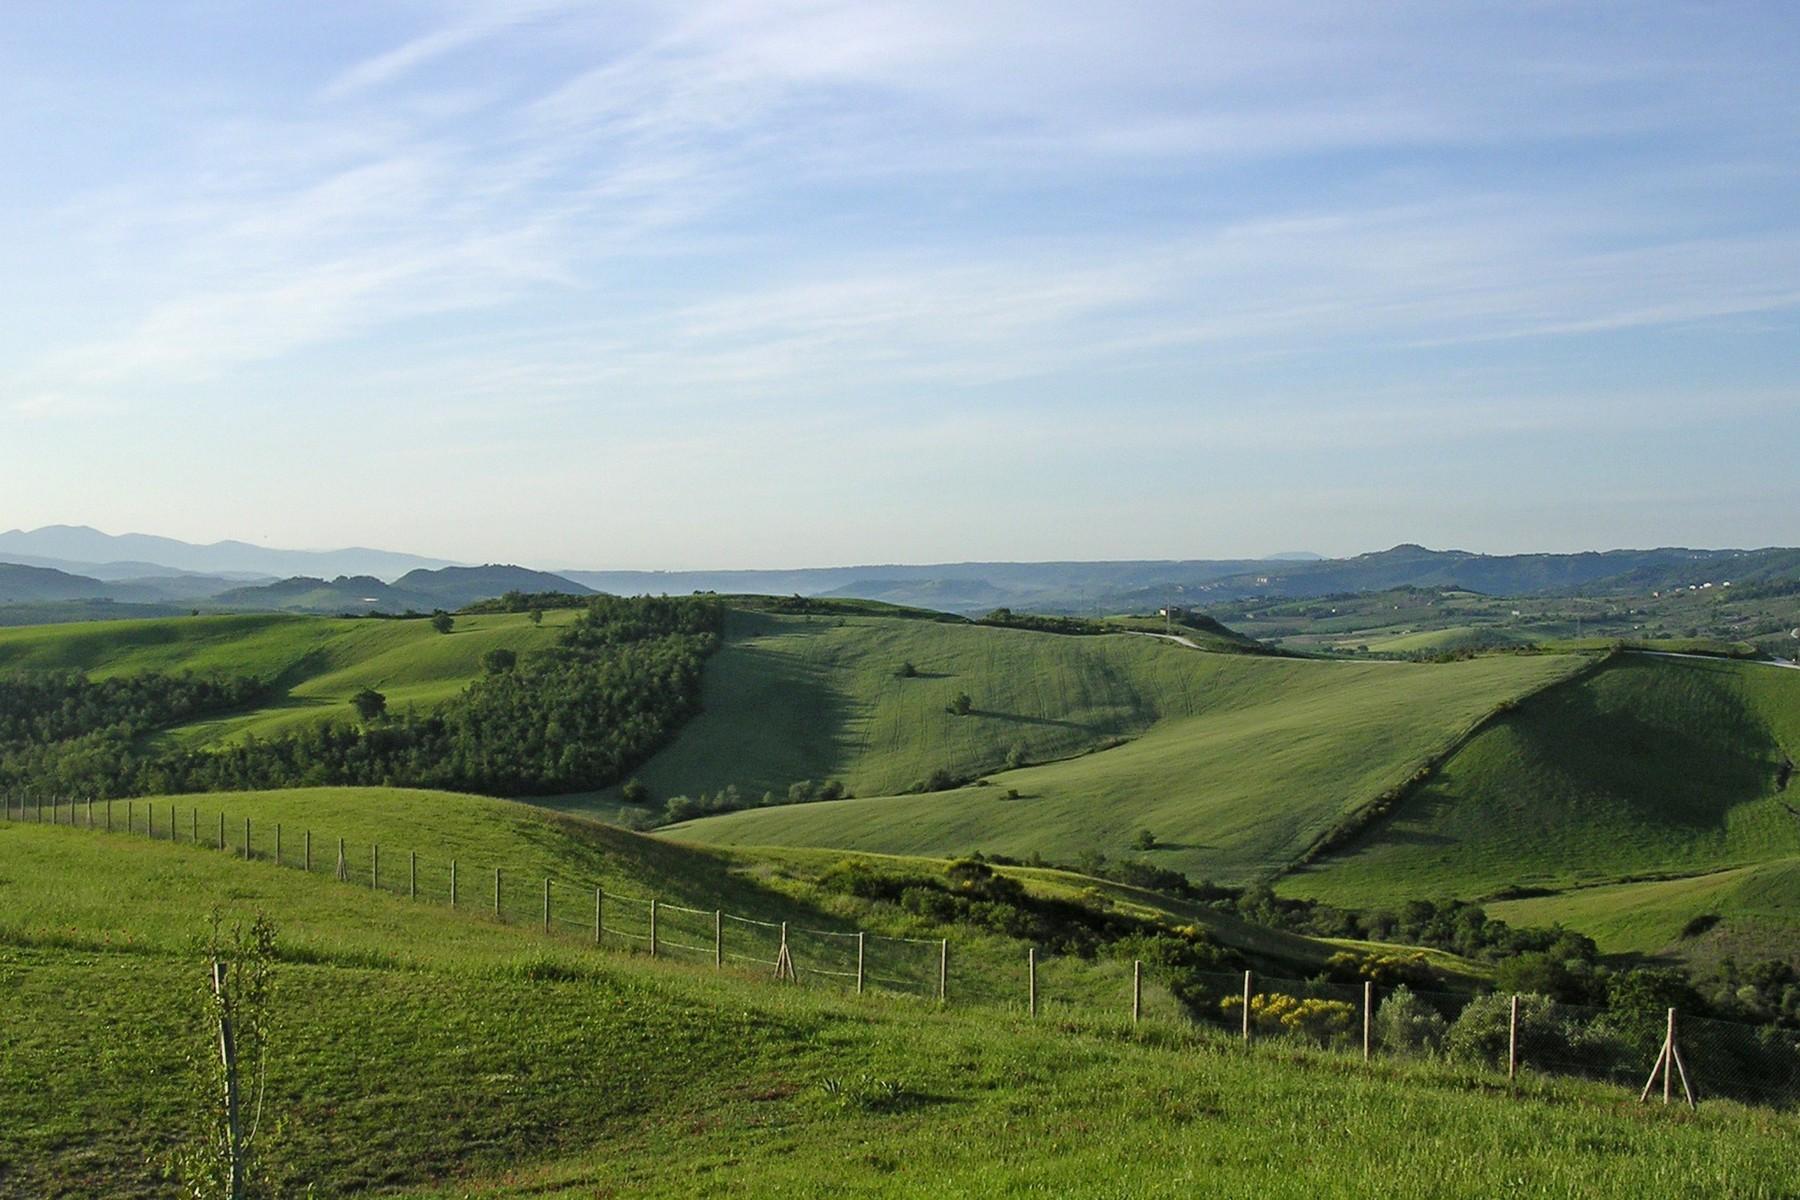 沉浸于绿色绵延的山丘上的古典别墅 - 13